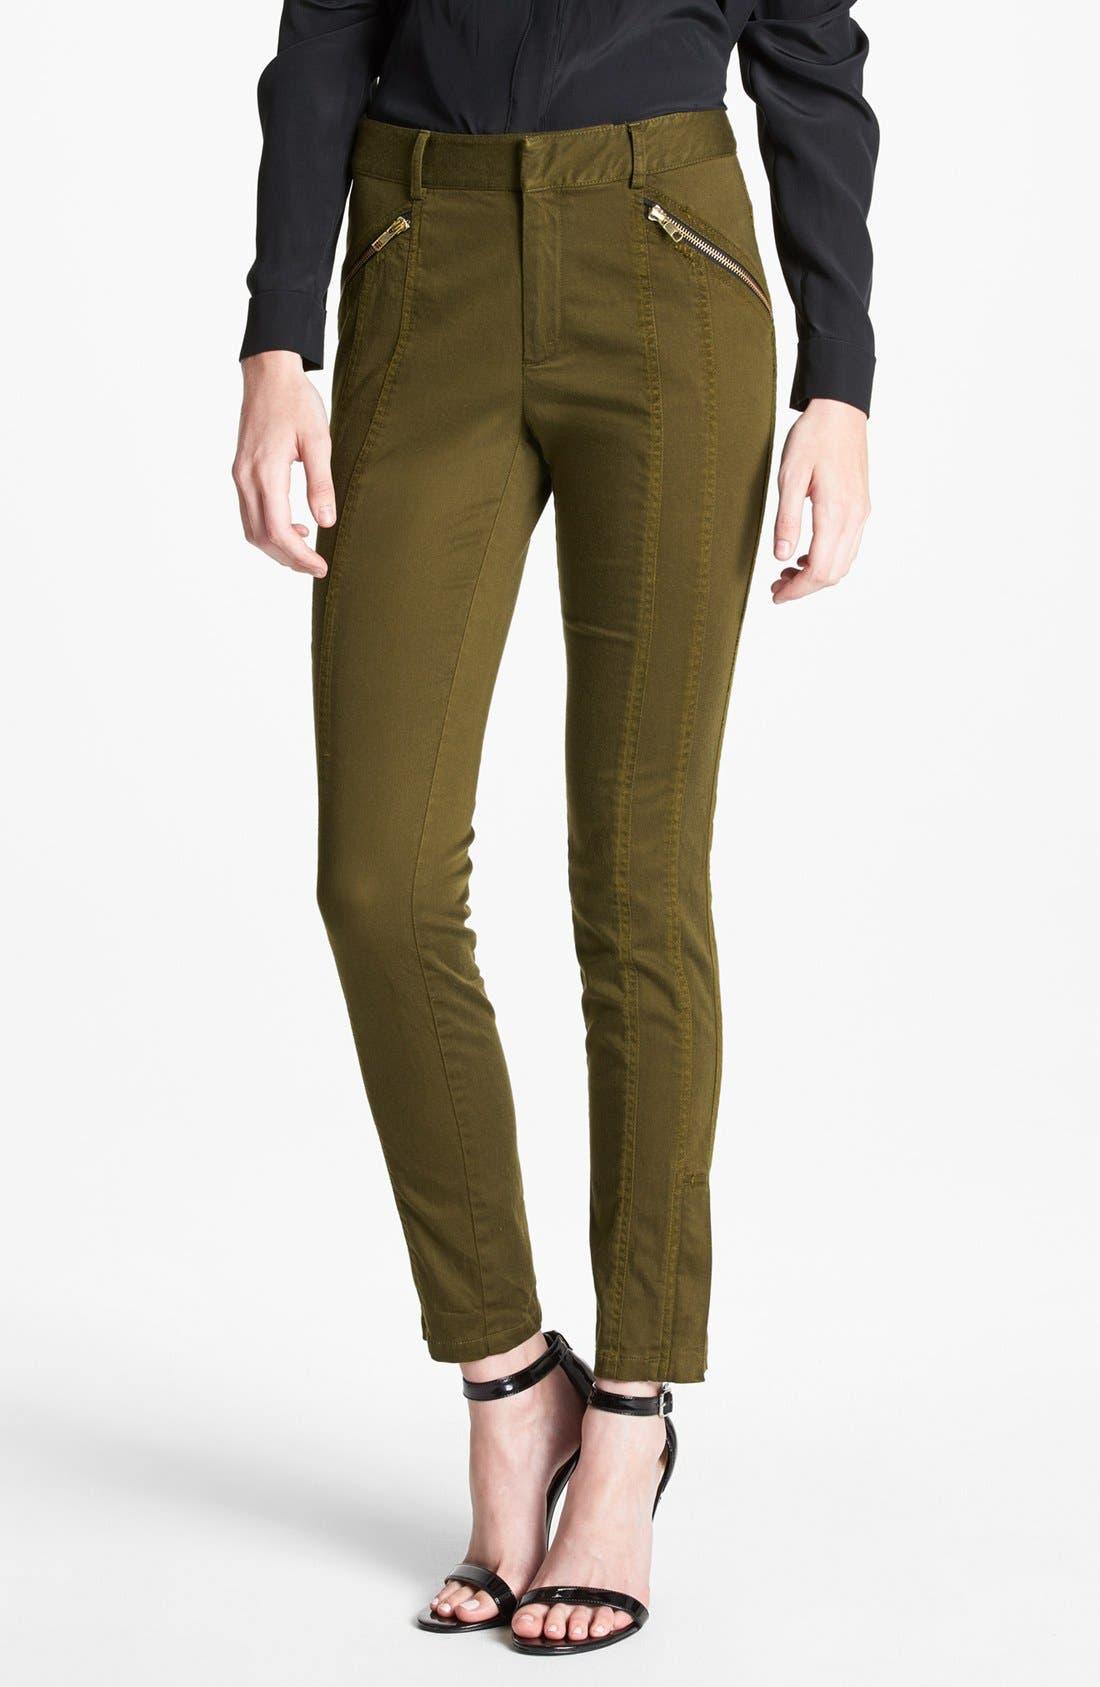 Main Image - Nanette Lepore 'Orbit' Seamed Skinny Pants